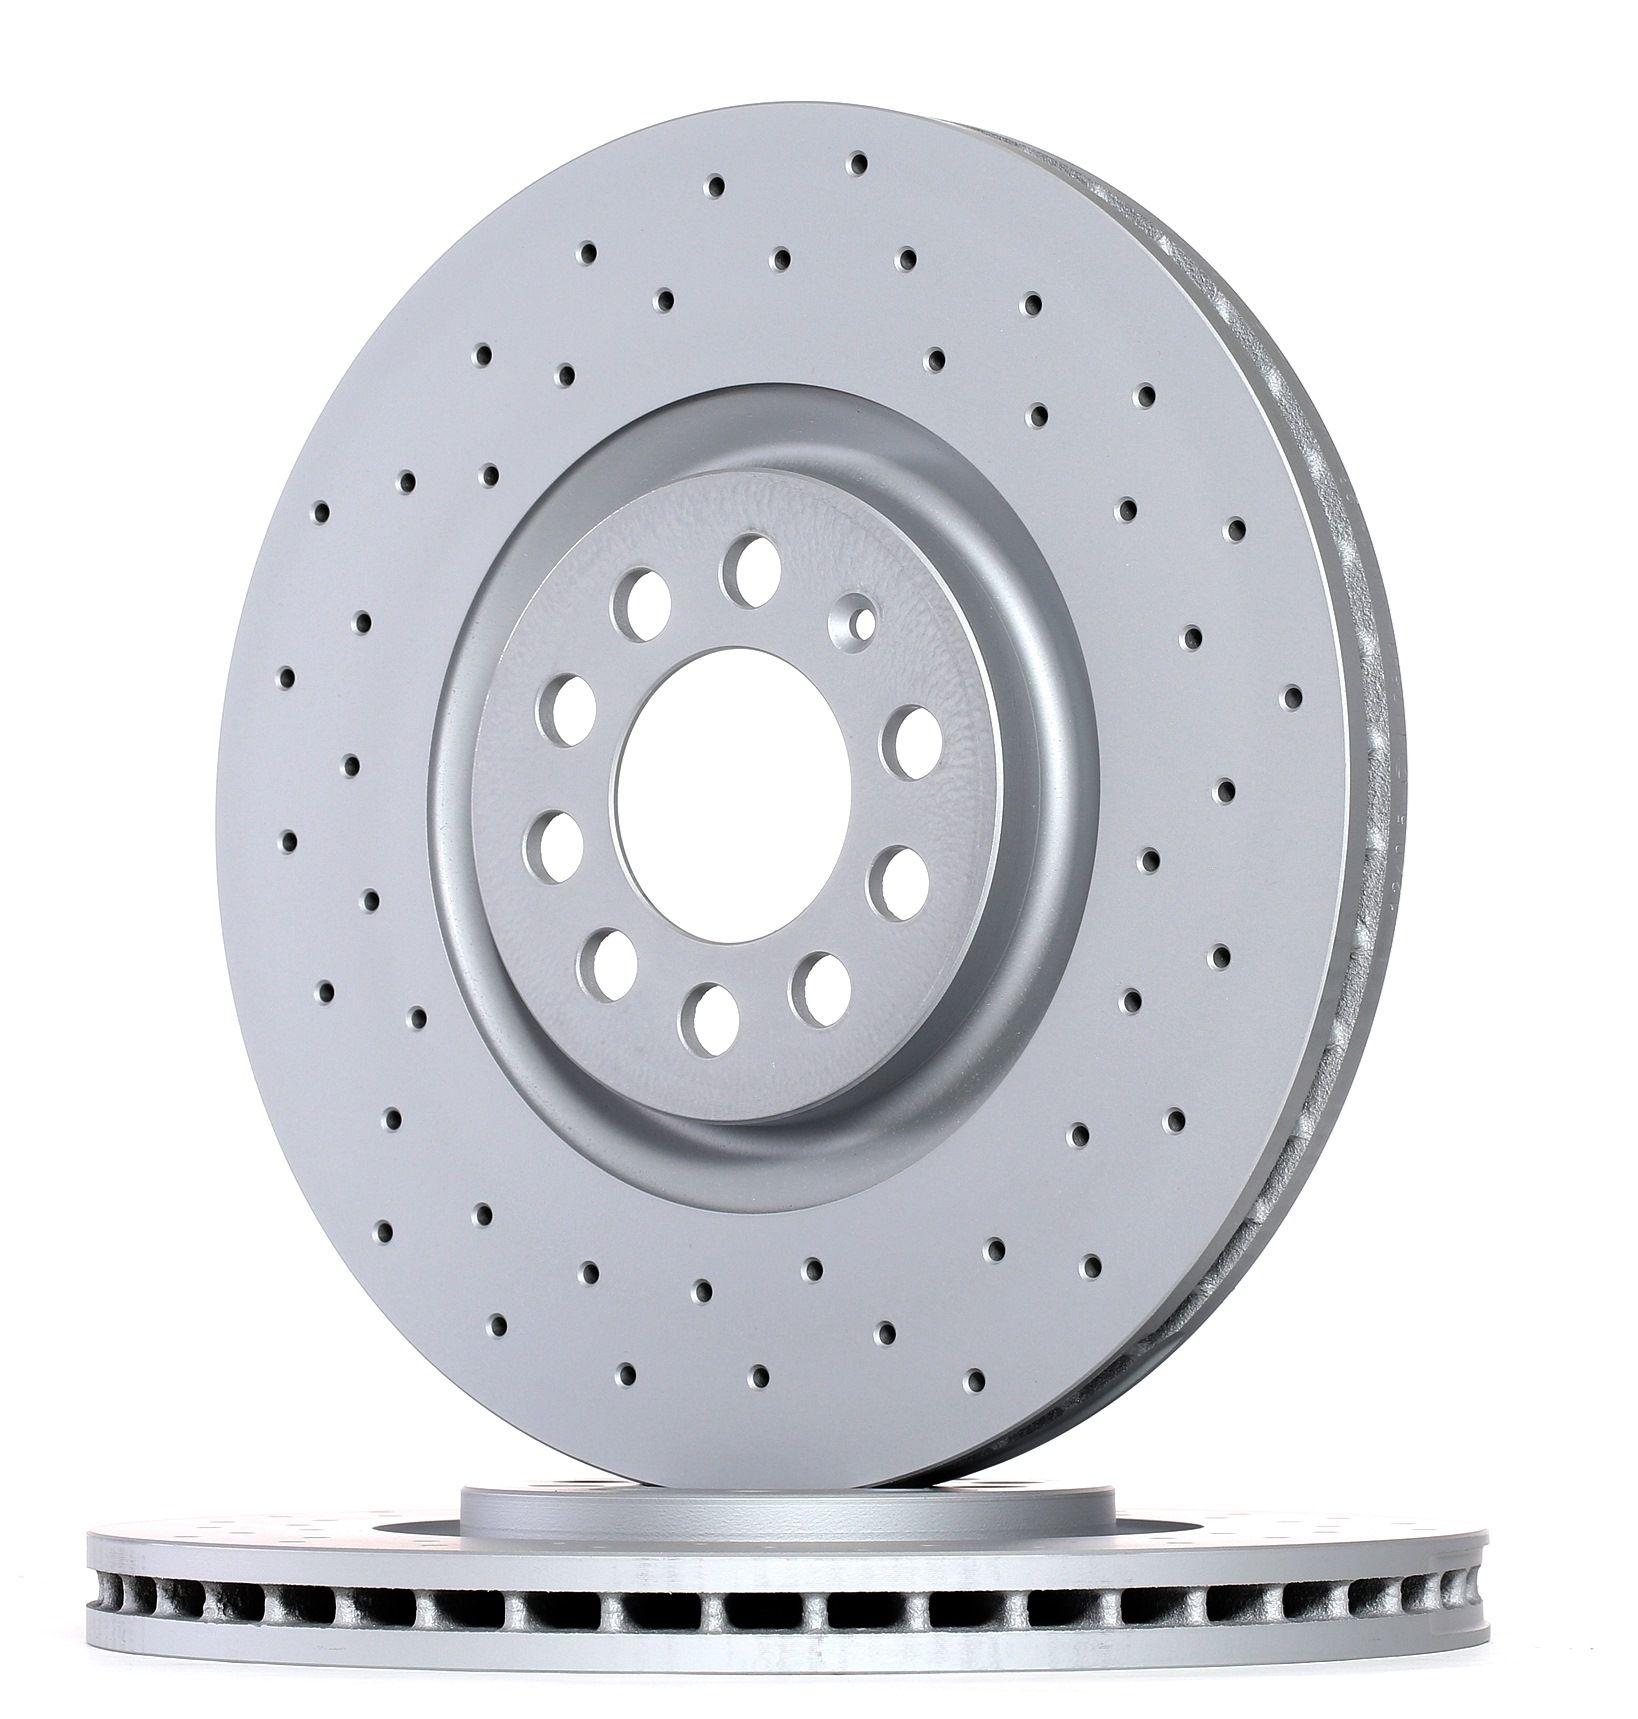 Achetez Disque ZIMMERMANN 100.1240.52 (Ø: 312mm, Jante: 5Trou, Épaisseur du disque de frein: 25mm) à un rapport qualité-prix exceptionnel